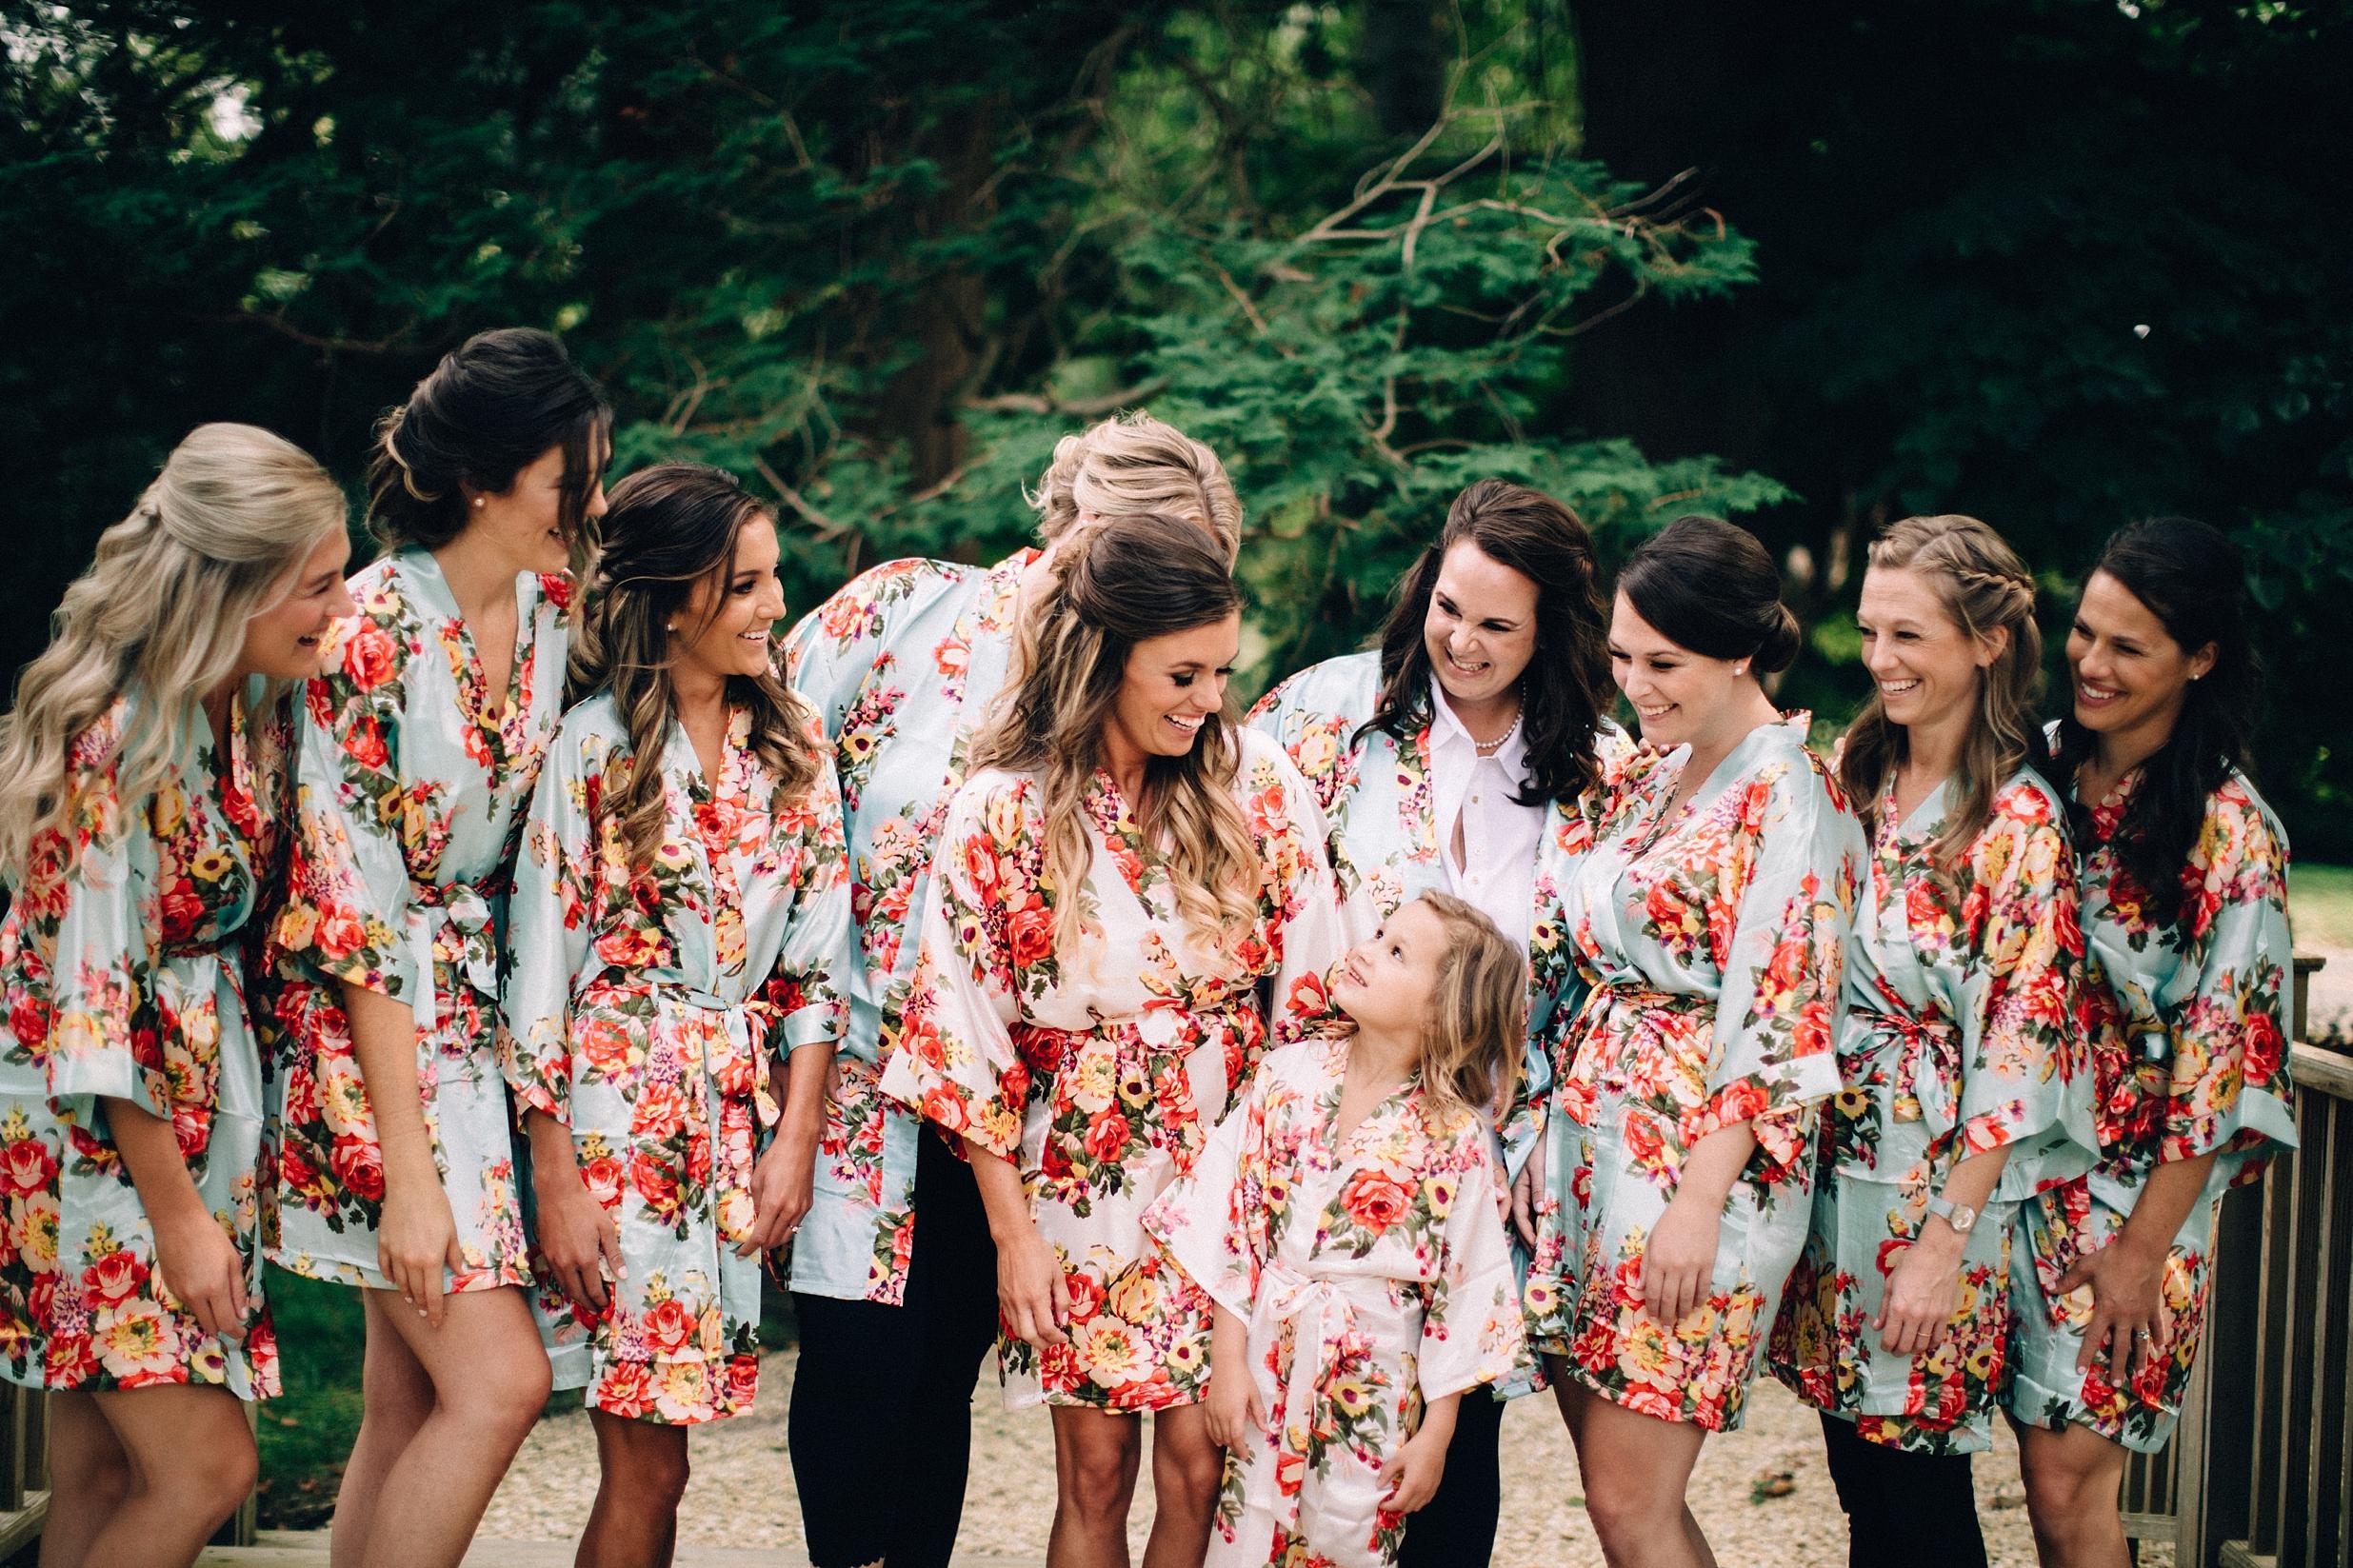 jersey-outdoor-ceremony-wedding-navasink-monmouth-rumson_0017.jpg